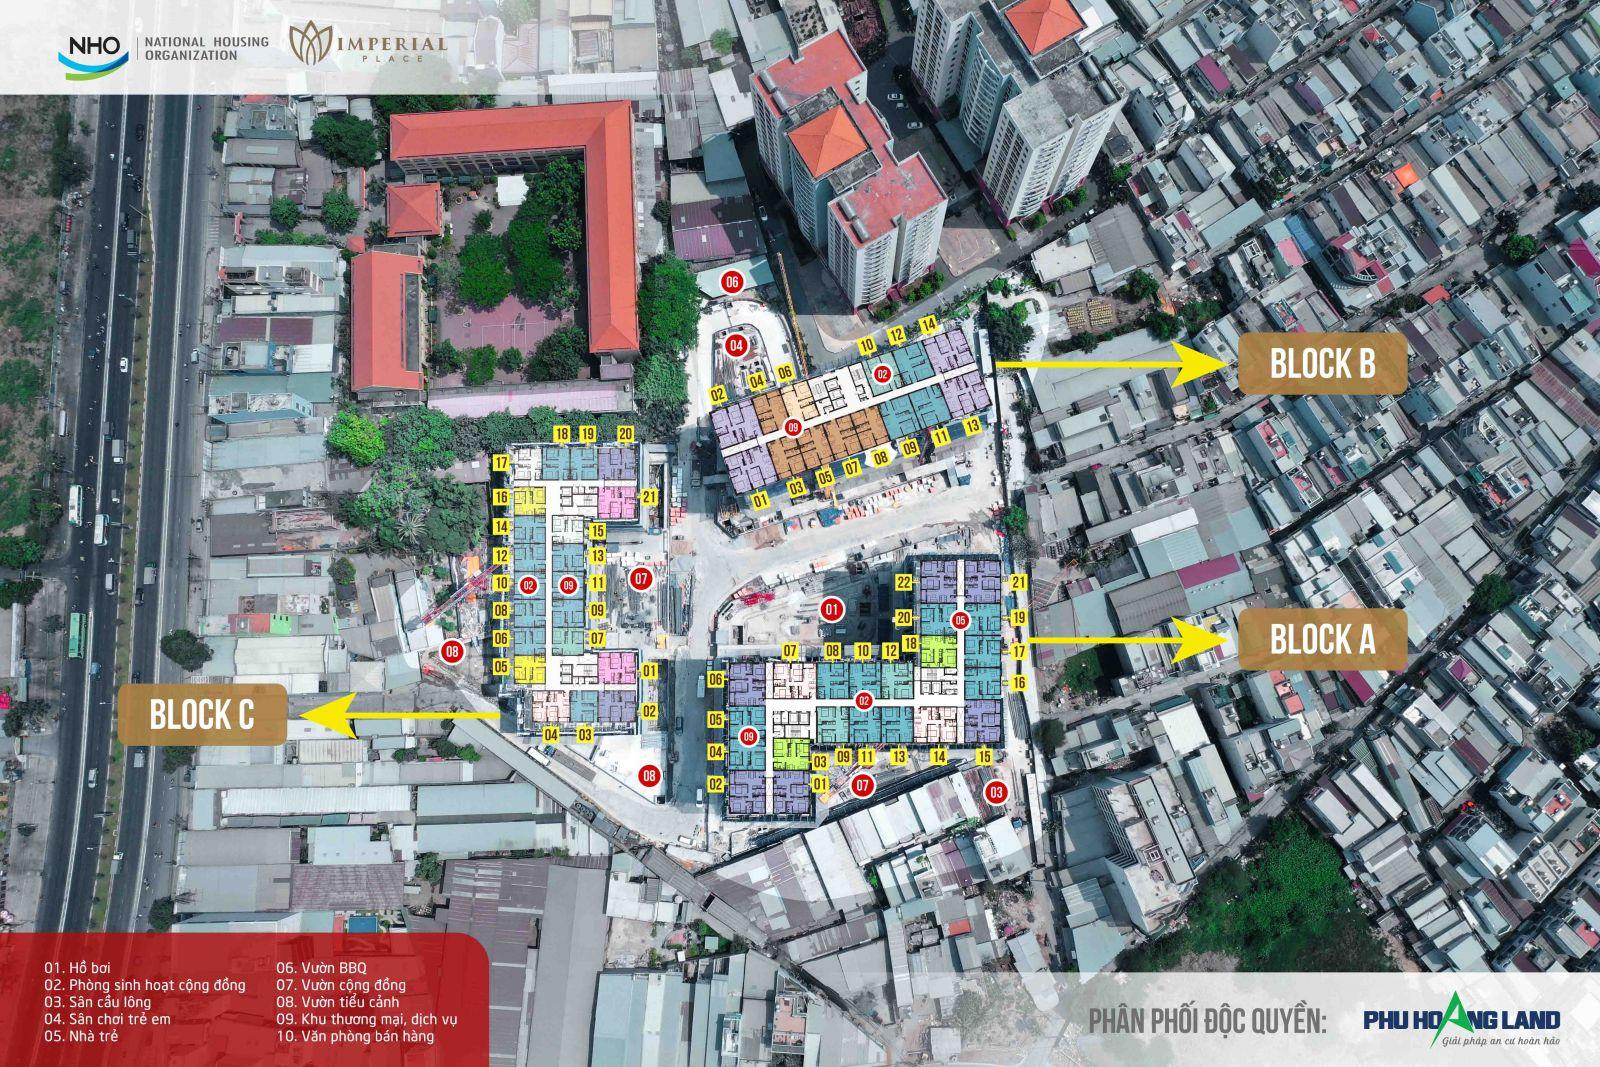 Mặt bằng tâng trệt dự án căn hộ imperial place